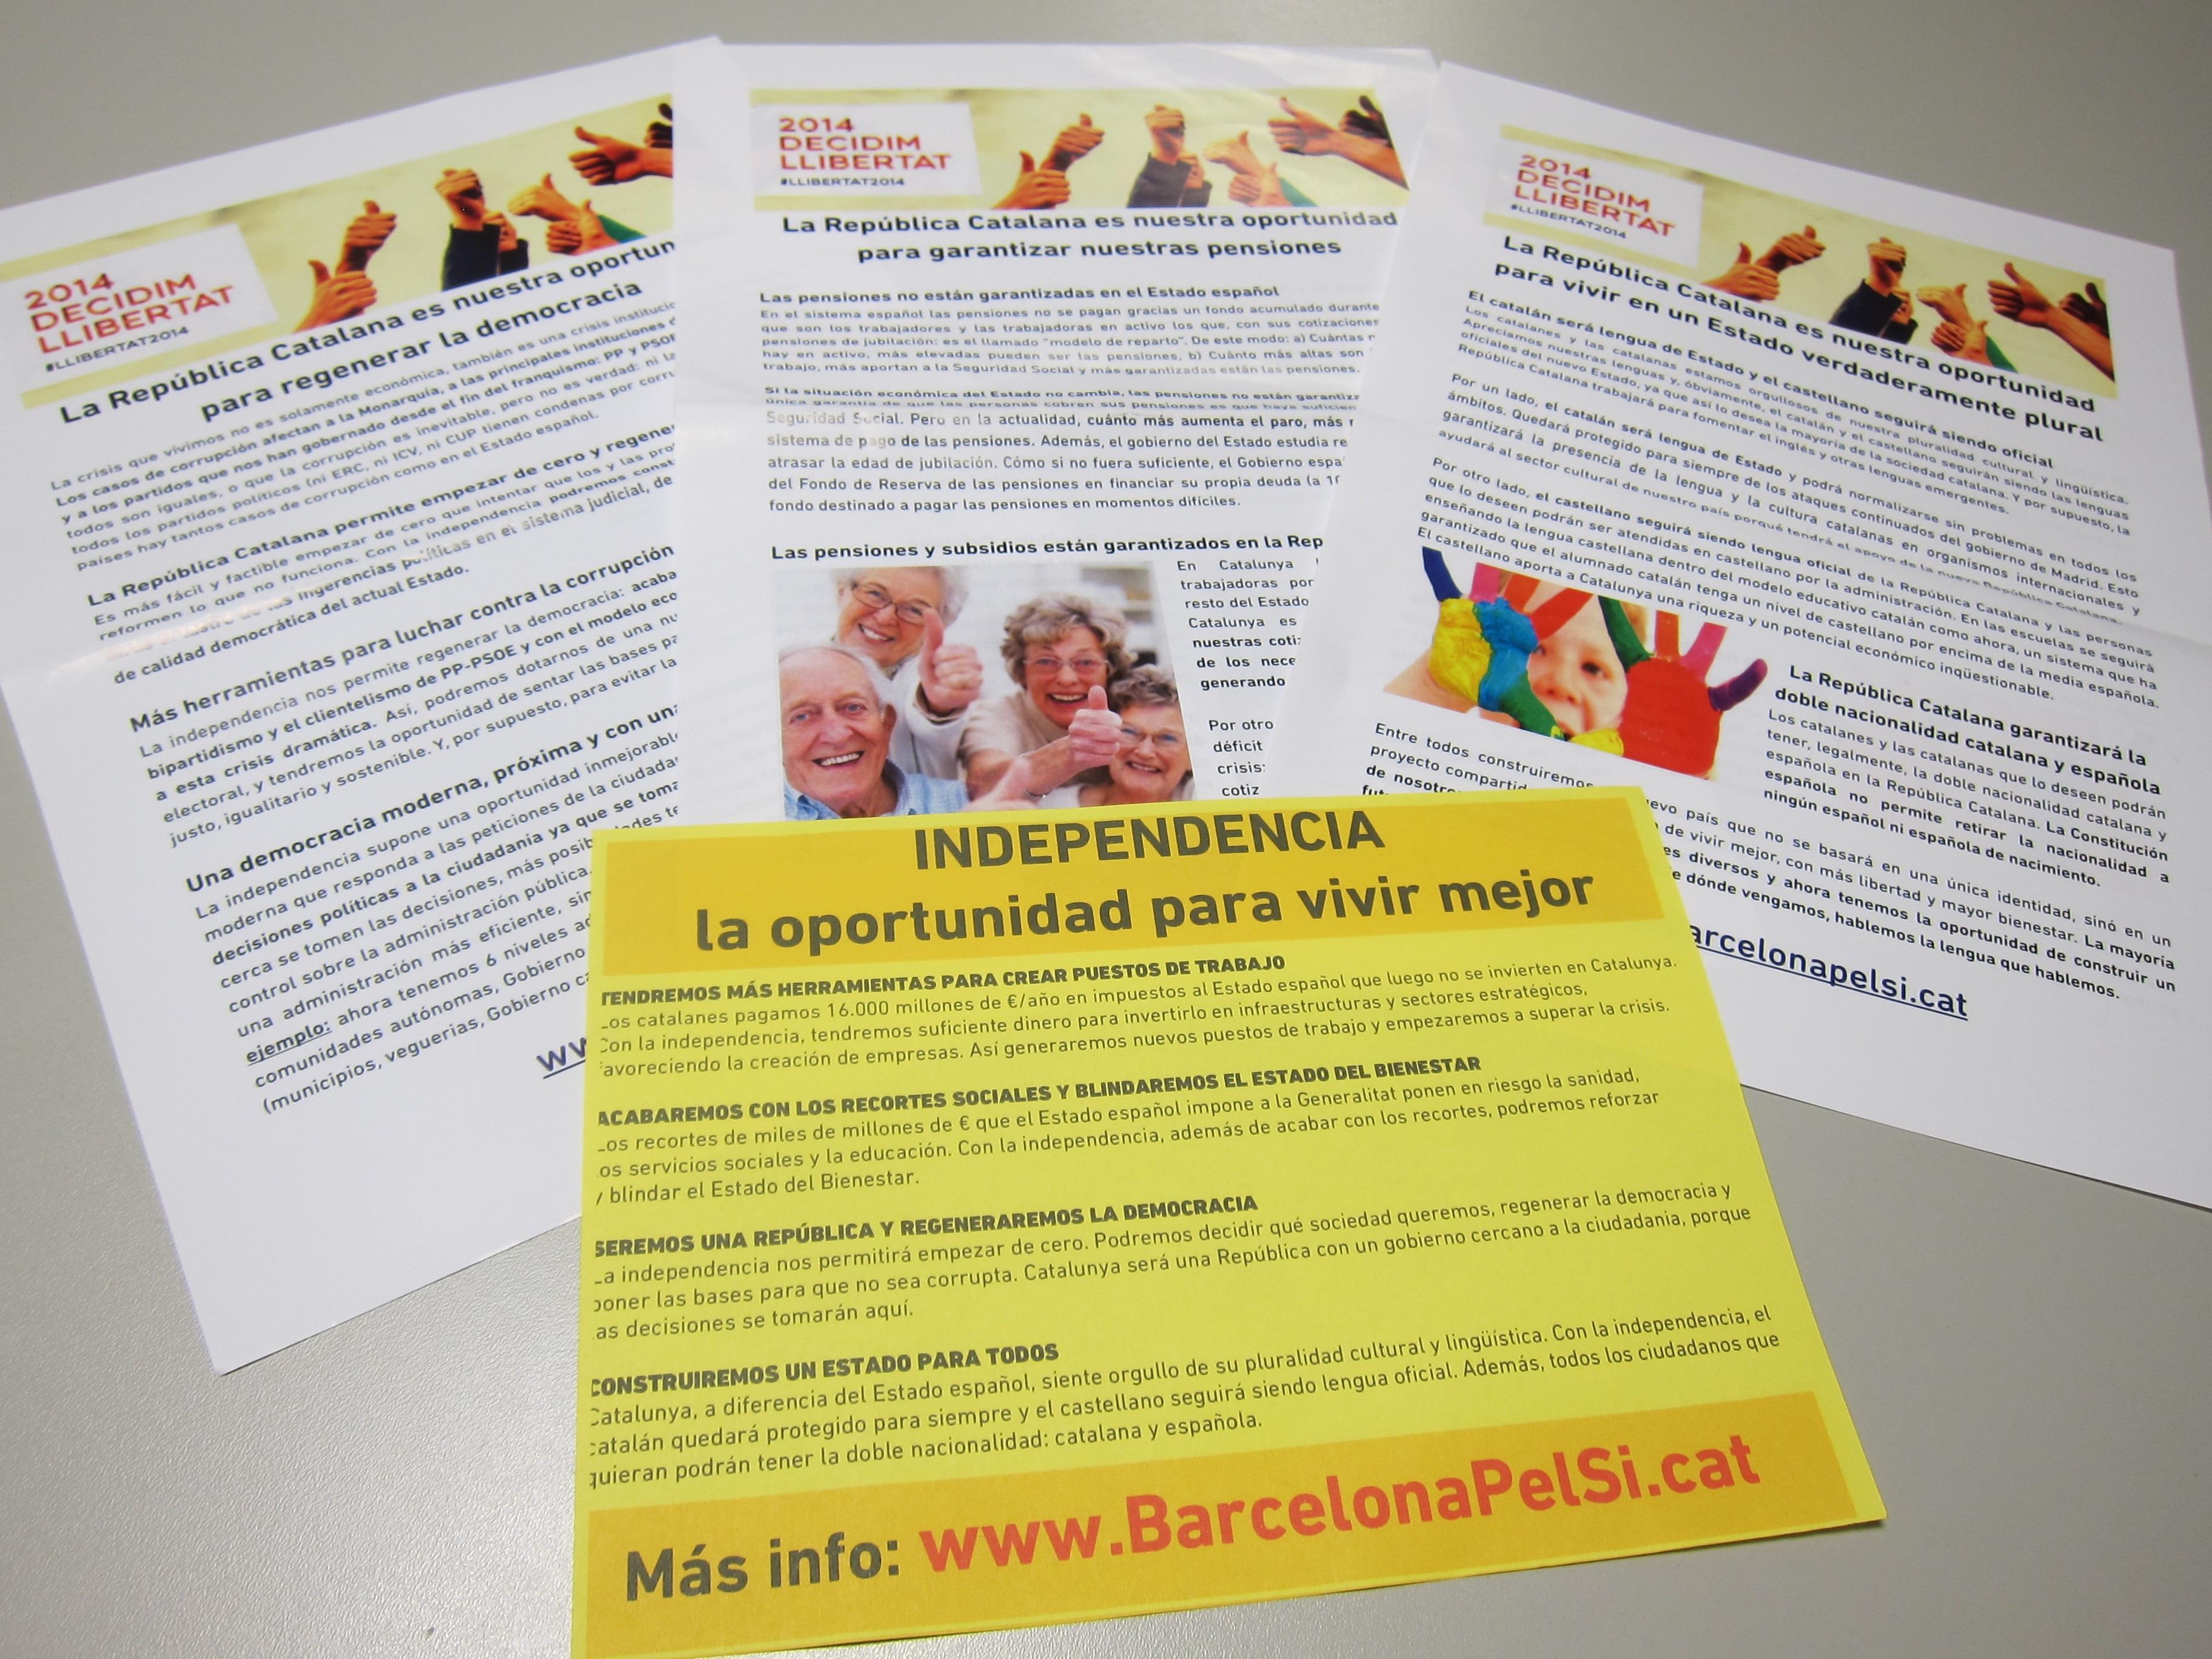 Portabella y Tardà reparten folletos en castellano y catalán sobre las preocupaciones de la gente